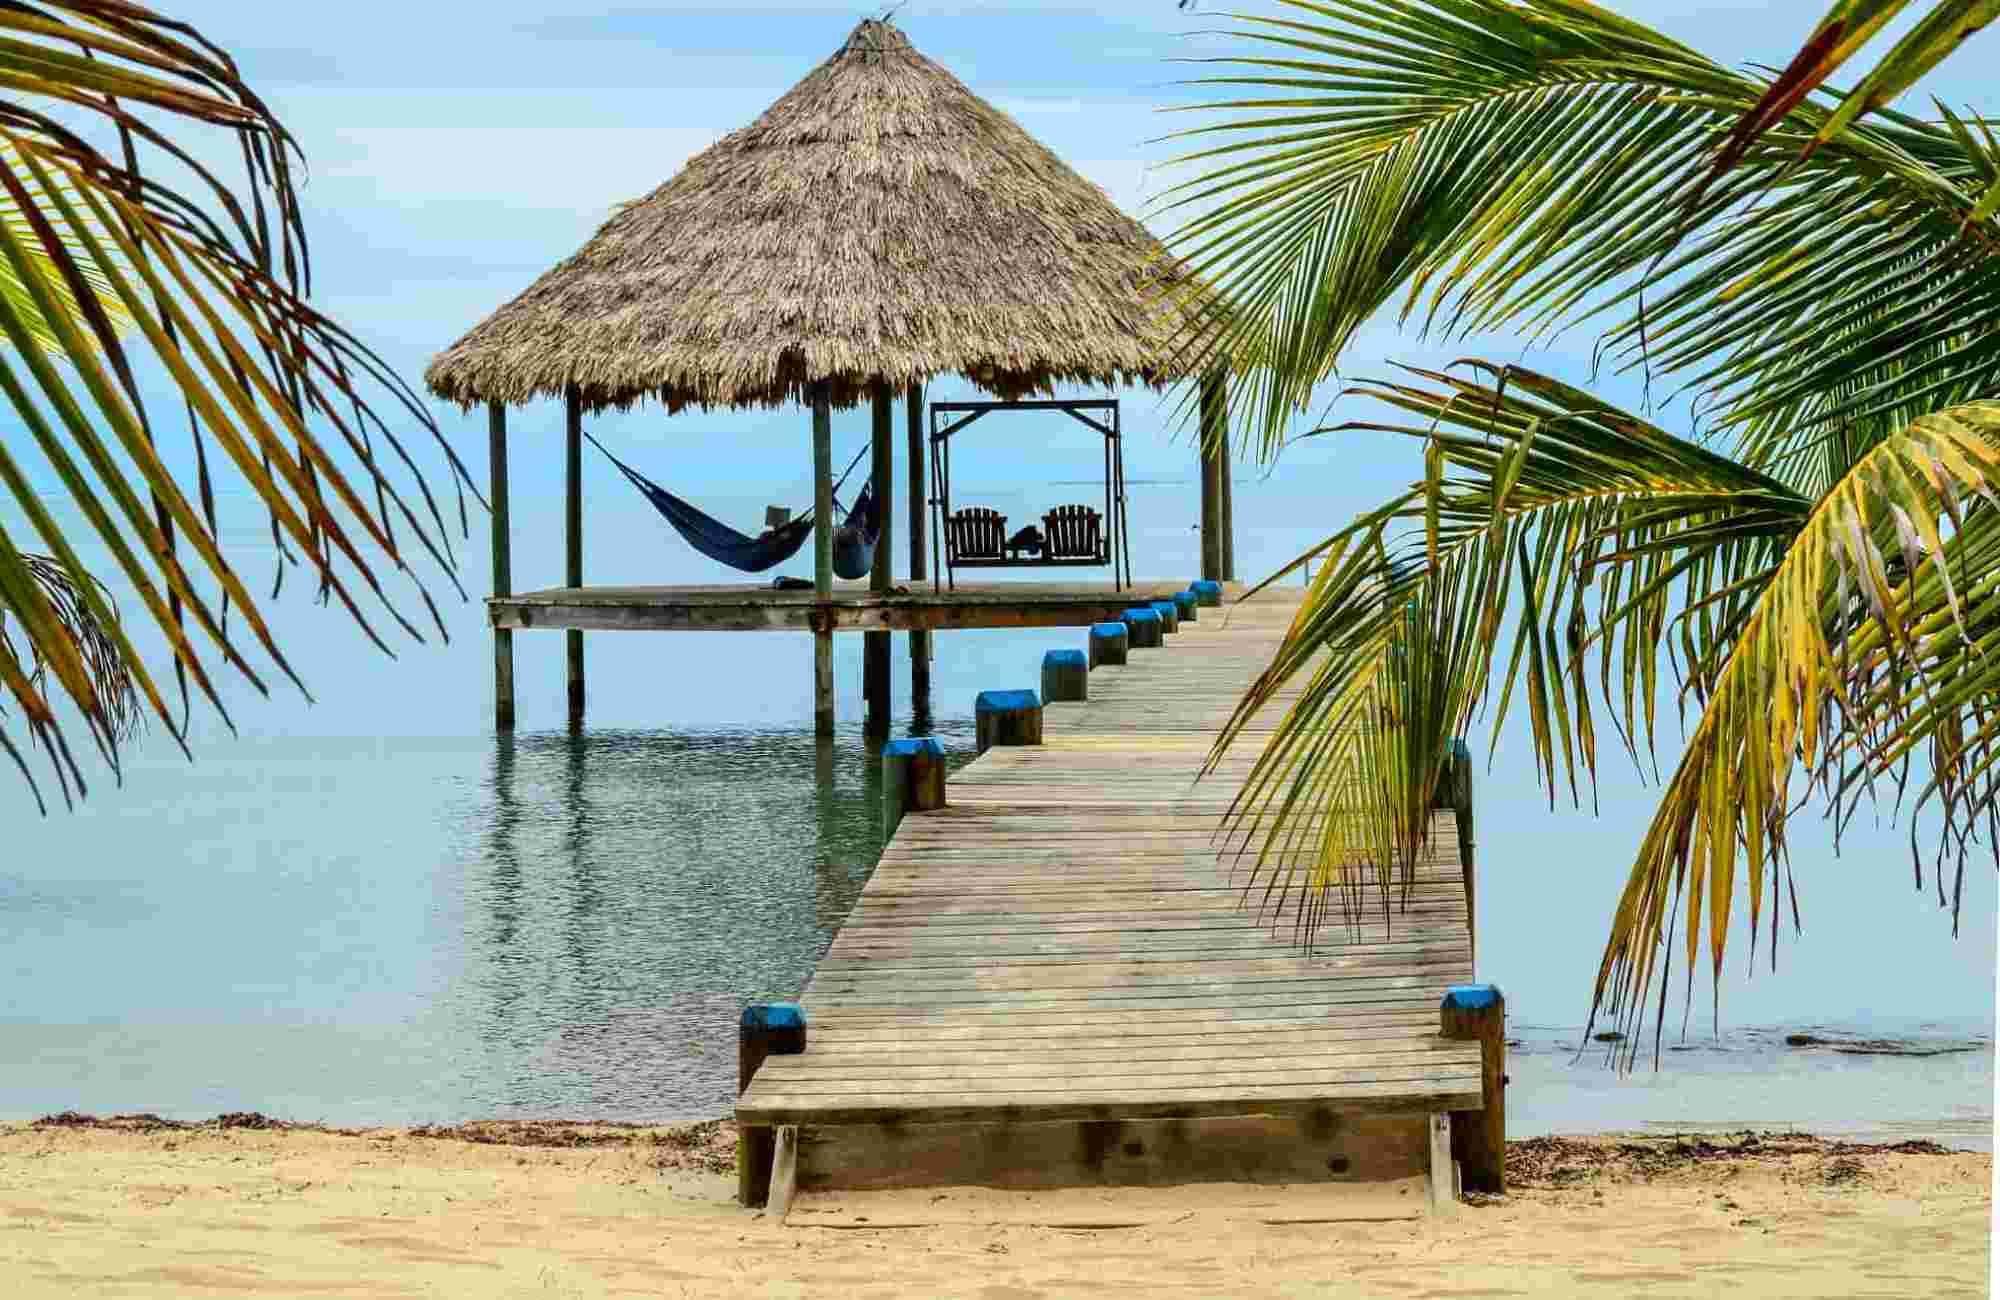 Voyage Belize - Cabane sur Pilotis - Amplitudes